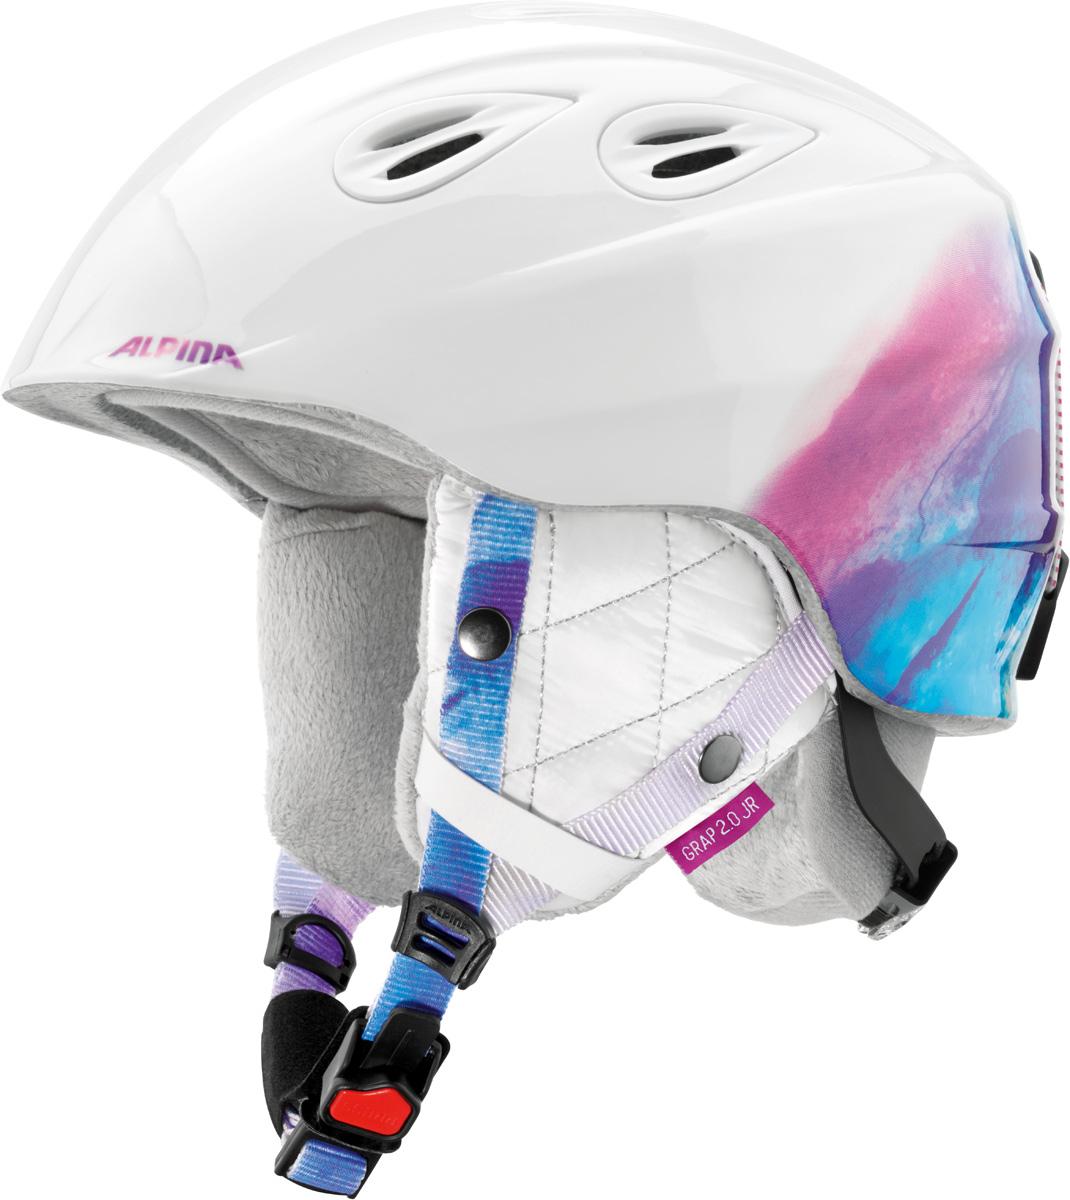 Шлем горнолыжный Alpina Grap 2.0 JR, цвет: белый. A9086_14. Размер 54-57A9086_14Детская версия популярнейшего шлема Alpina Grap 2.0, сохранившая все технические преимущества взрослой модели.Технологии:Конструкция In-Mold - соединение внутреннего слоя из EPS (вспененного полистирола) с внешним покрытием под большим давлением в условиях высокой температуры. В результате внешняя поликарбонатная оболочка сохраняет форму конструкции, предотвращая поломку и попадание осколков внутрь шлема, а внутренний слой Hi-EPS, состоящий из множества наполненных воздухом гранул, амортизирует ударную волну, защищая голову райдера от повреждений.Внешнее покрытие Ceramic Shell обеспечивает повышенную ударопрочность и износостойкость, а также обладает защитой от УФ-излучений, препятствующей выгоранию на солнце, и антистатичными свойствами.Съемный внутренний тканевый слой. Подкладку можно постирать и легко вставить обратно. Своевременный уход за внутренником предотвращает появление неприятного запаха.Вентиляционная система с раздвижным механизмом с возможностью регулировки интенсивности потока воздуха.Классическая система регулировки в шлемах Alpina Run System с регулировочным кольцом на затылке позволяет быстро и легко подобрать оптимальную и комфортную плотность посадки на голове.Съемные ушки согревают в холодную погоду, а в теплую компактно хранятся в кармане куртки.Шейный воротник из микрофлиса в задней части шлема быстро согревает и не давит на шею.Ремешок фиксируется кнопкой с запирающим механизмом. Застежка максимально удобна для использования в перчатках.Система Edge Protect в конструкции шлема защищает голову горнолыжника при боковом ударе.Система Y-Clip гарантирует оптимальную посадку с миллиметровой точностью. Y-зажим соединяет два ремешка вместе и удобно фиксирует их под ухом.Съемные элементы позволяют использовать шлем всесезонно.